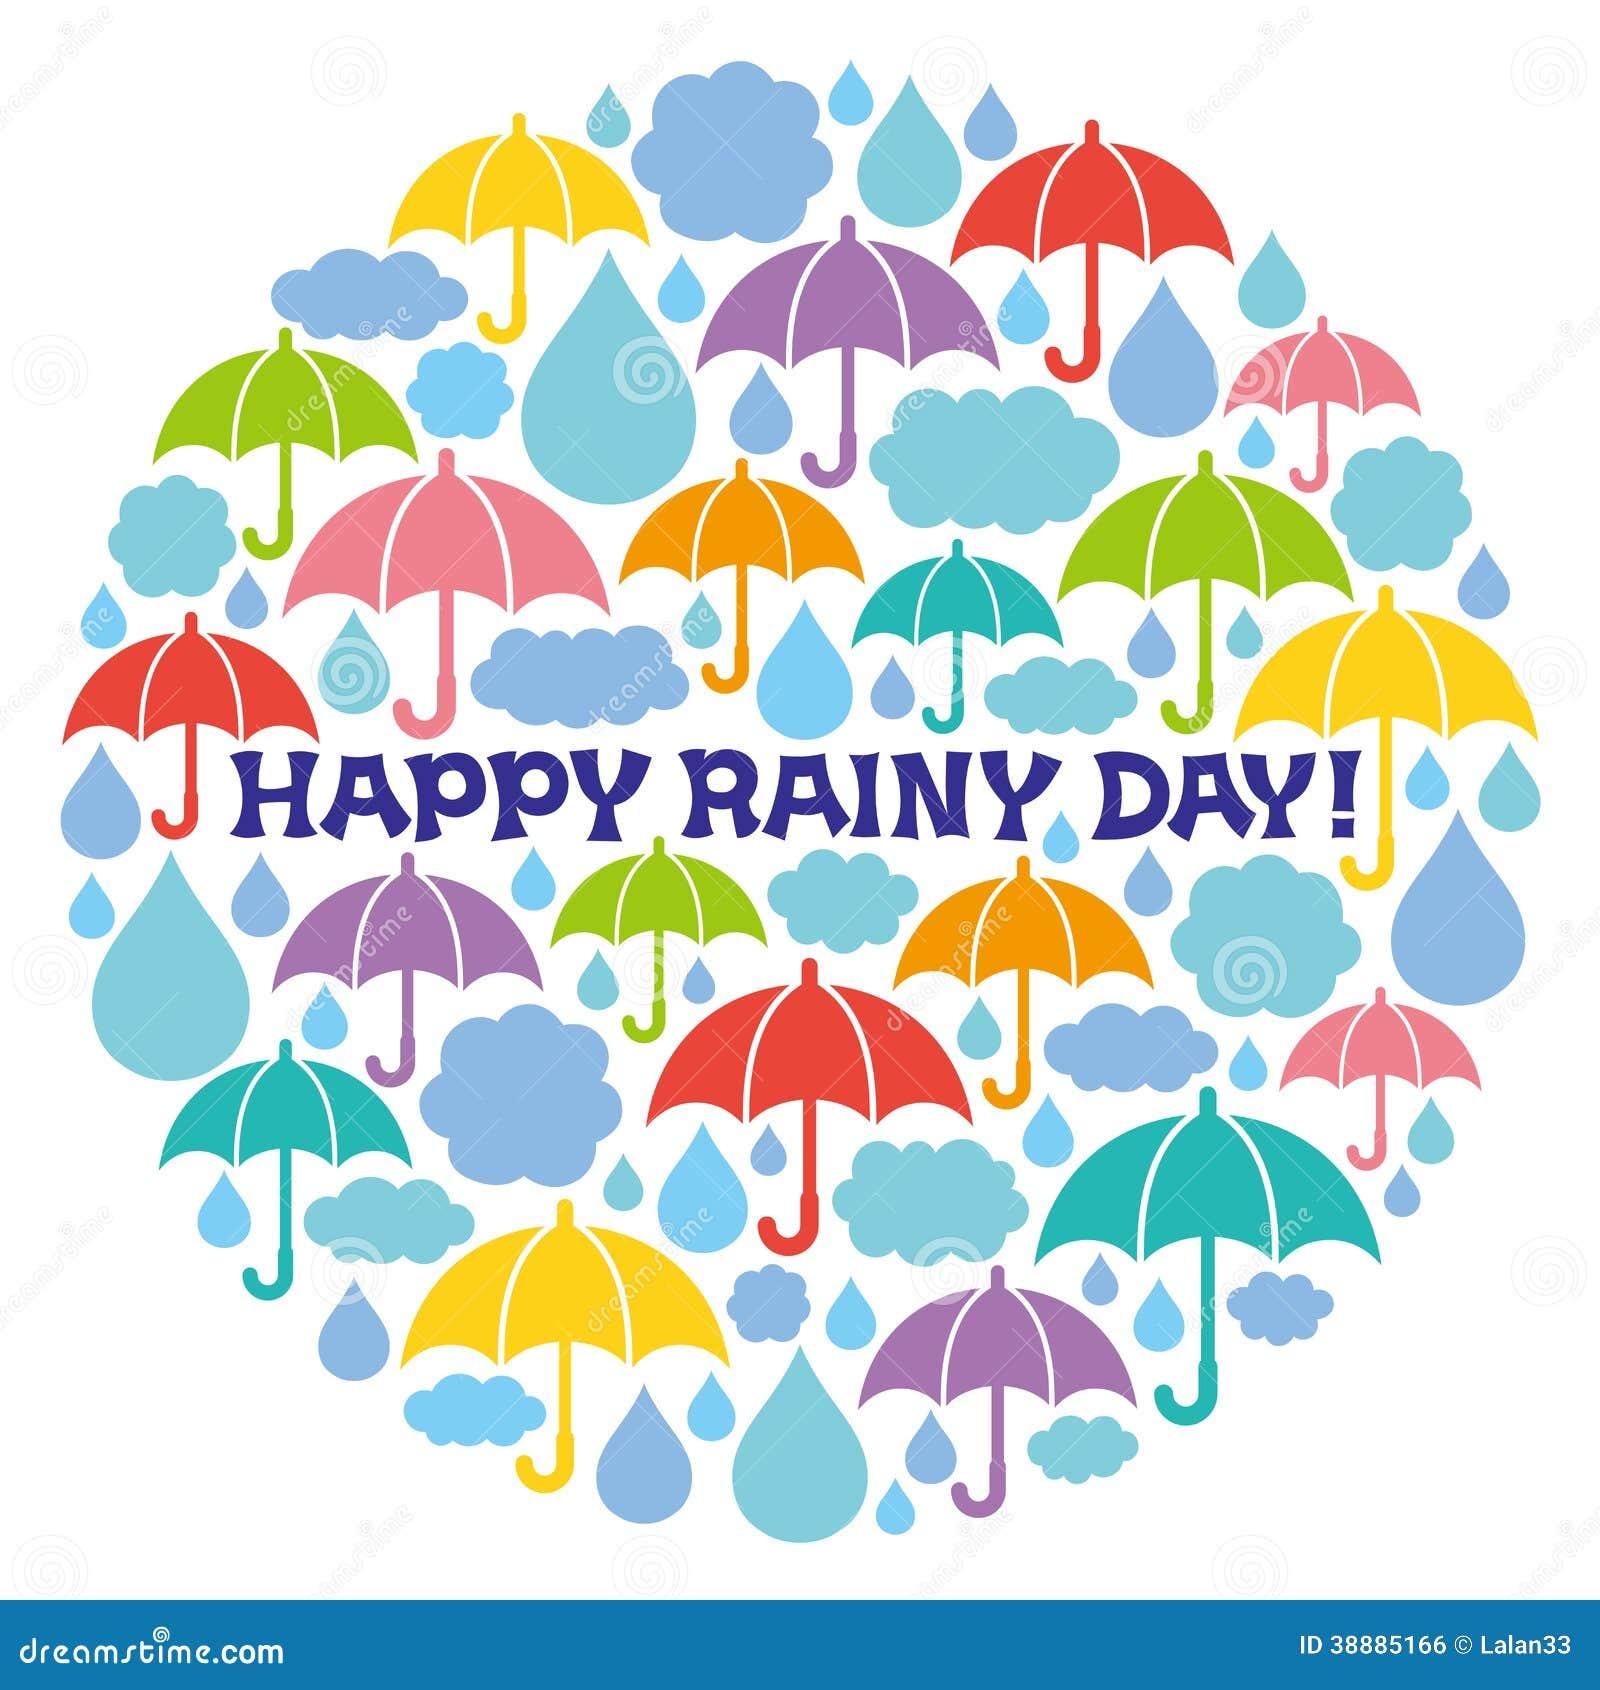 Happy Rainy Day: Rainy Illustrations In Circle. Stock Vector